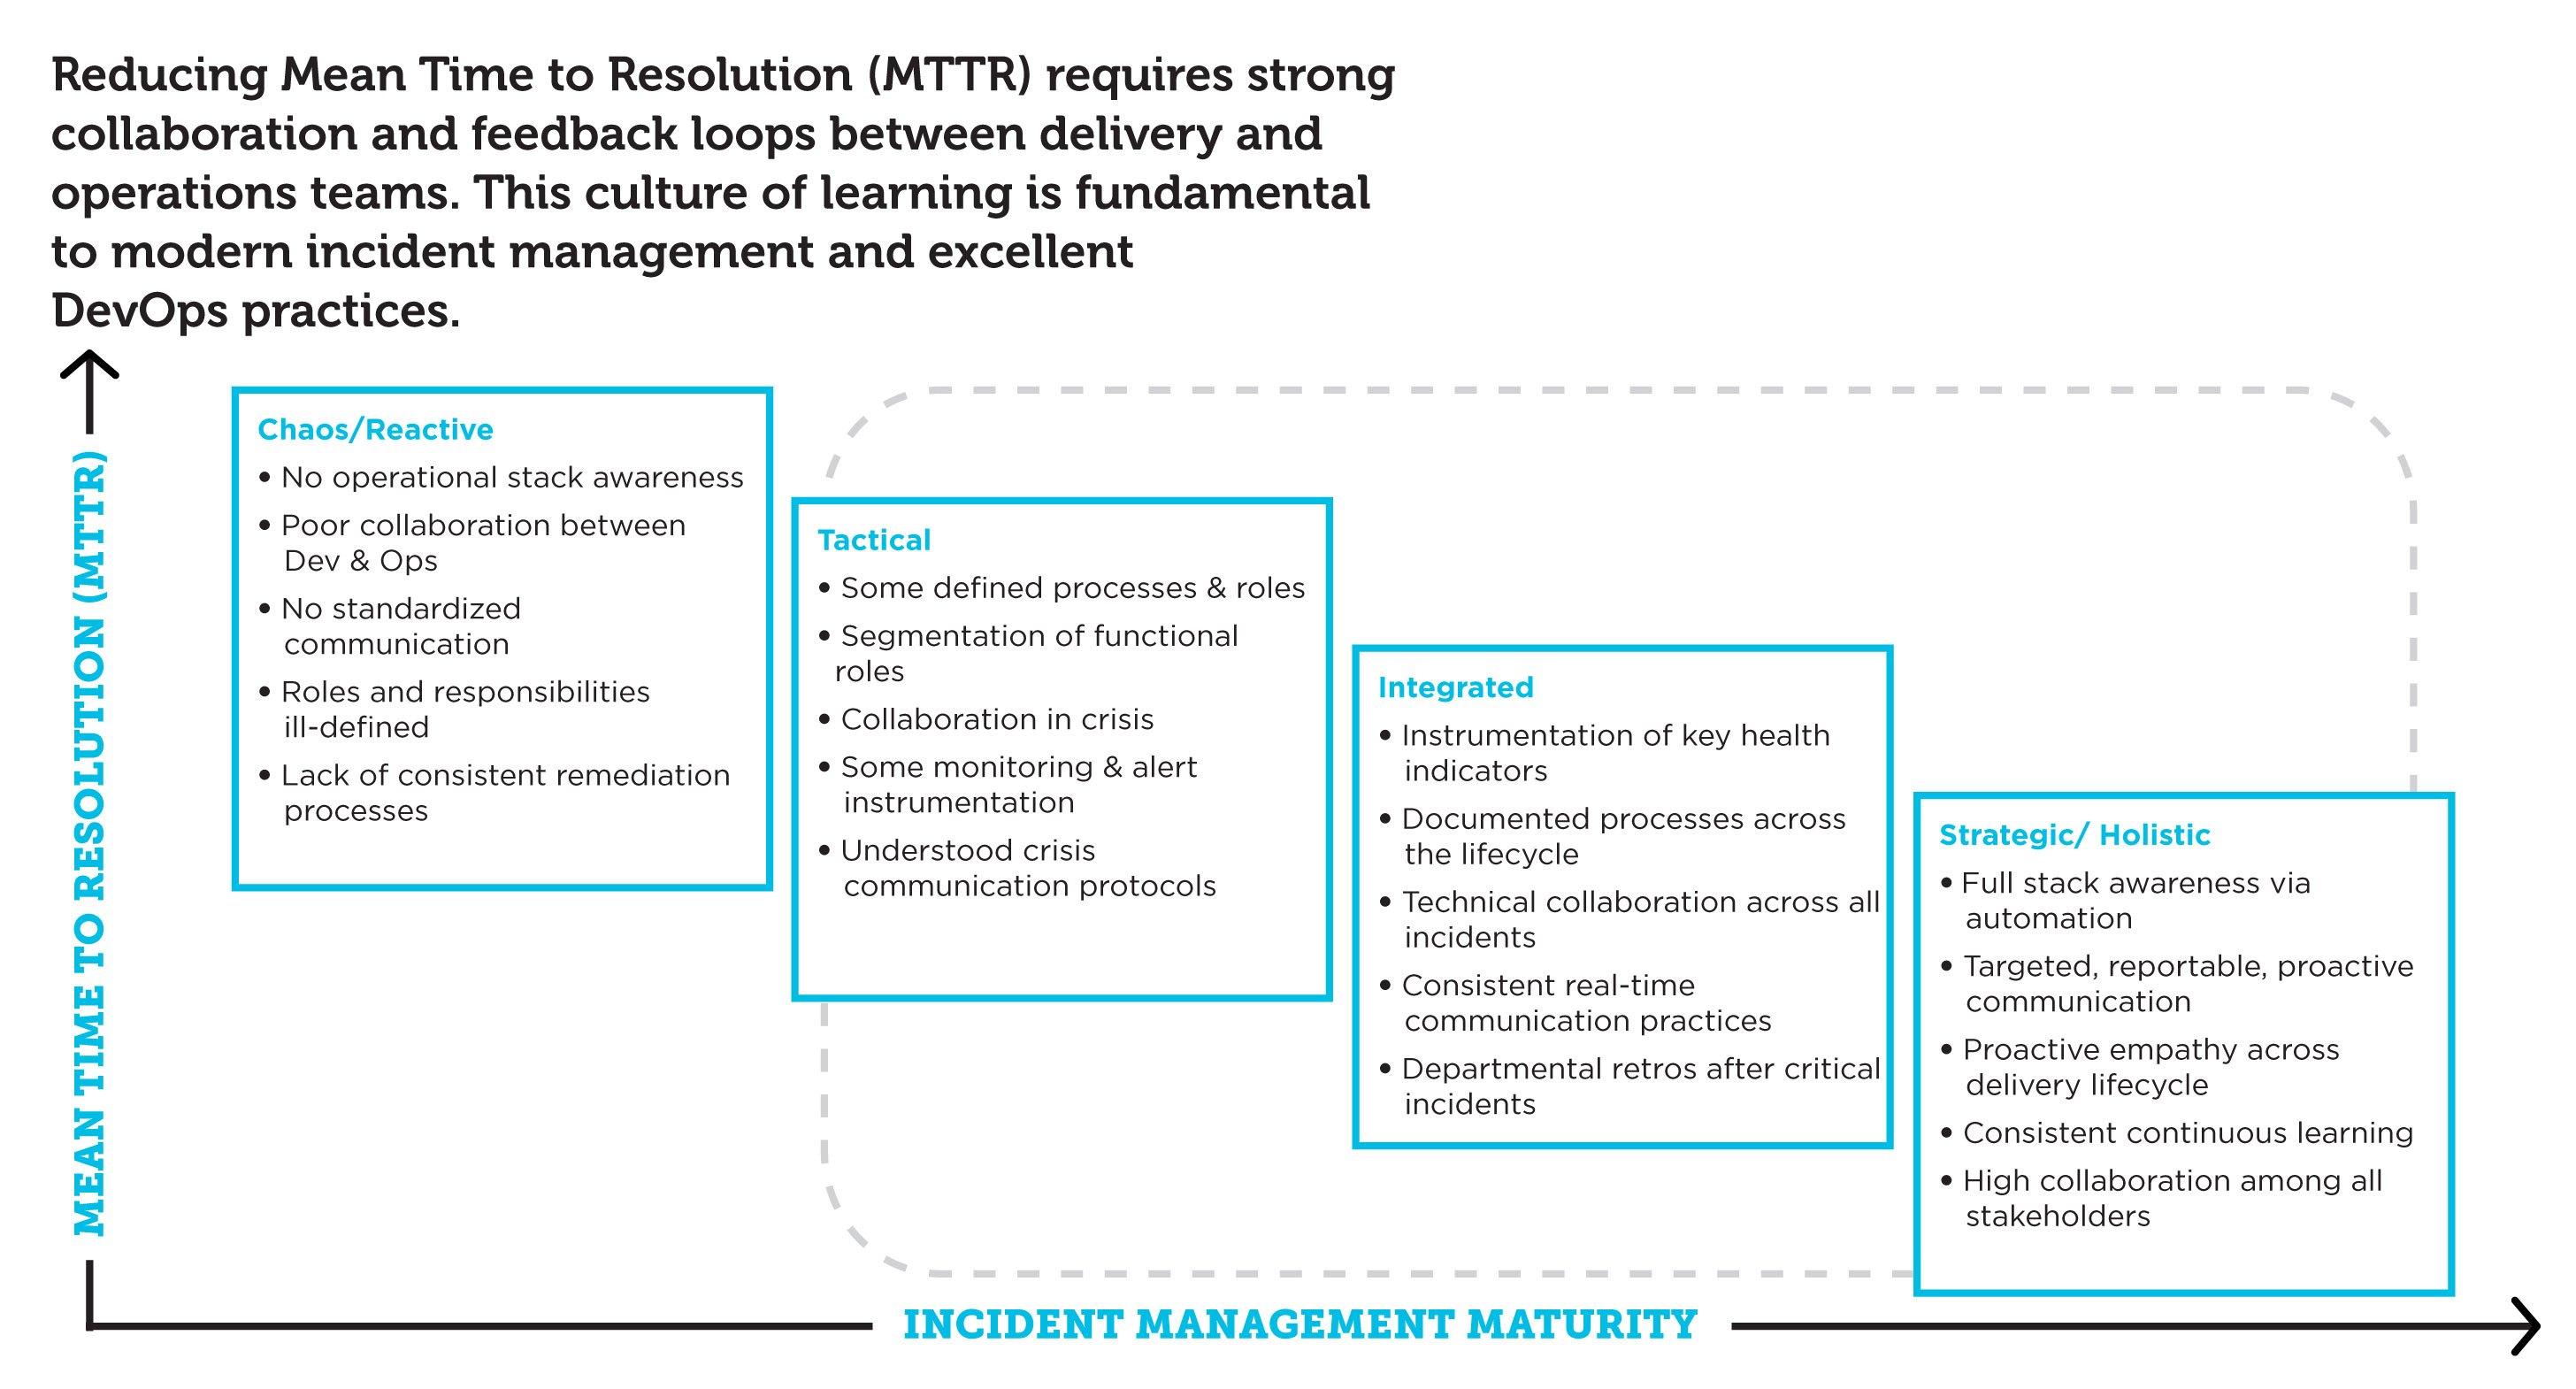 IncidentManagementMaturityScale